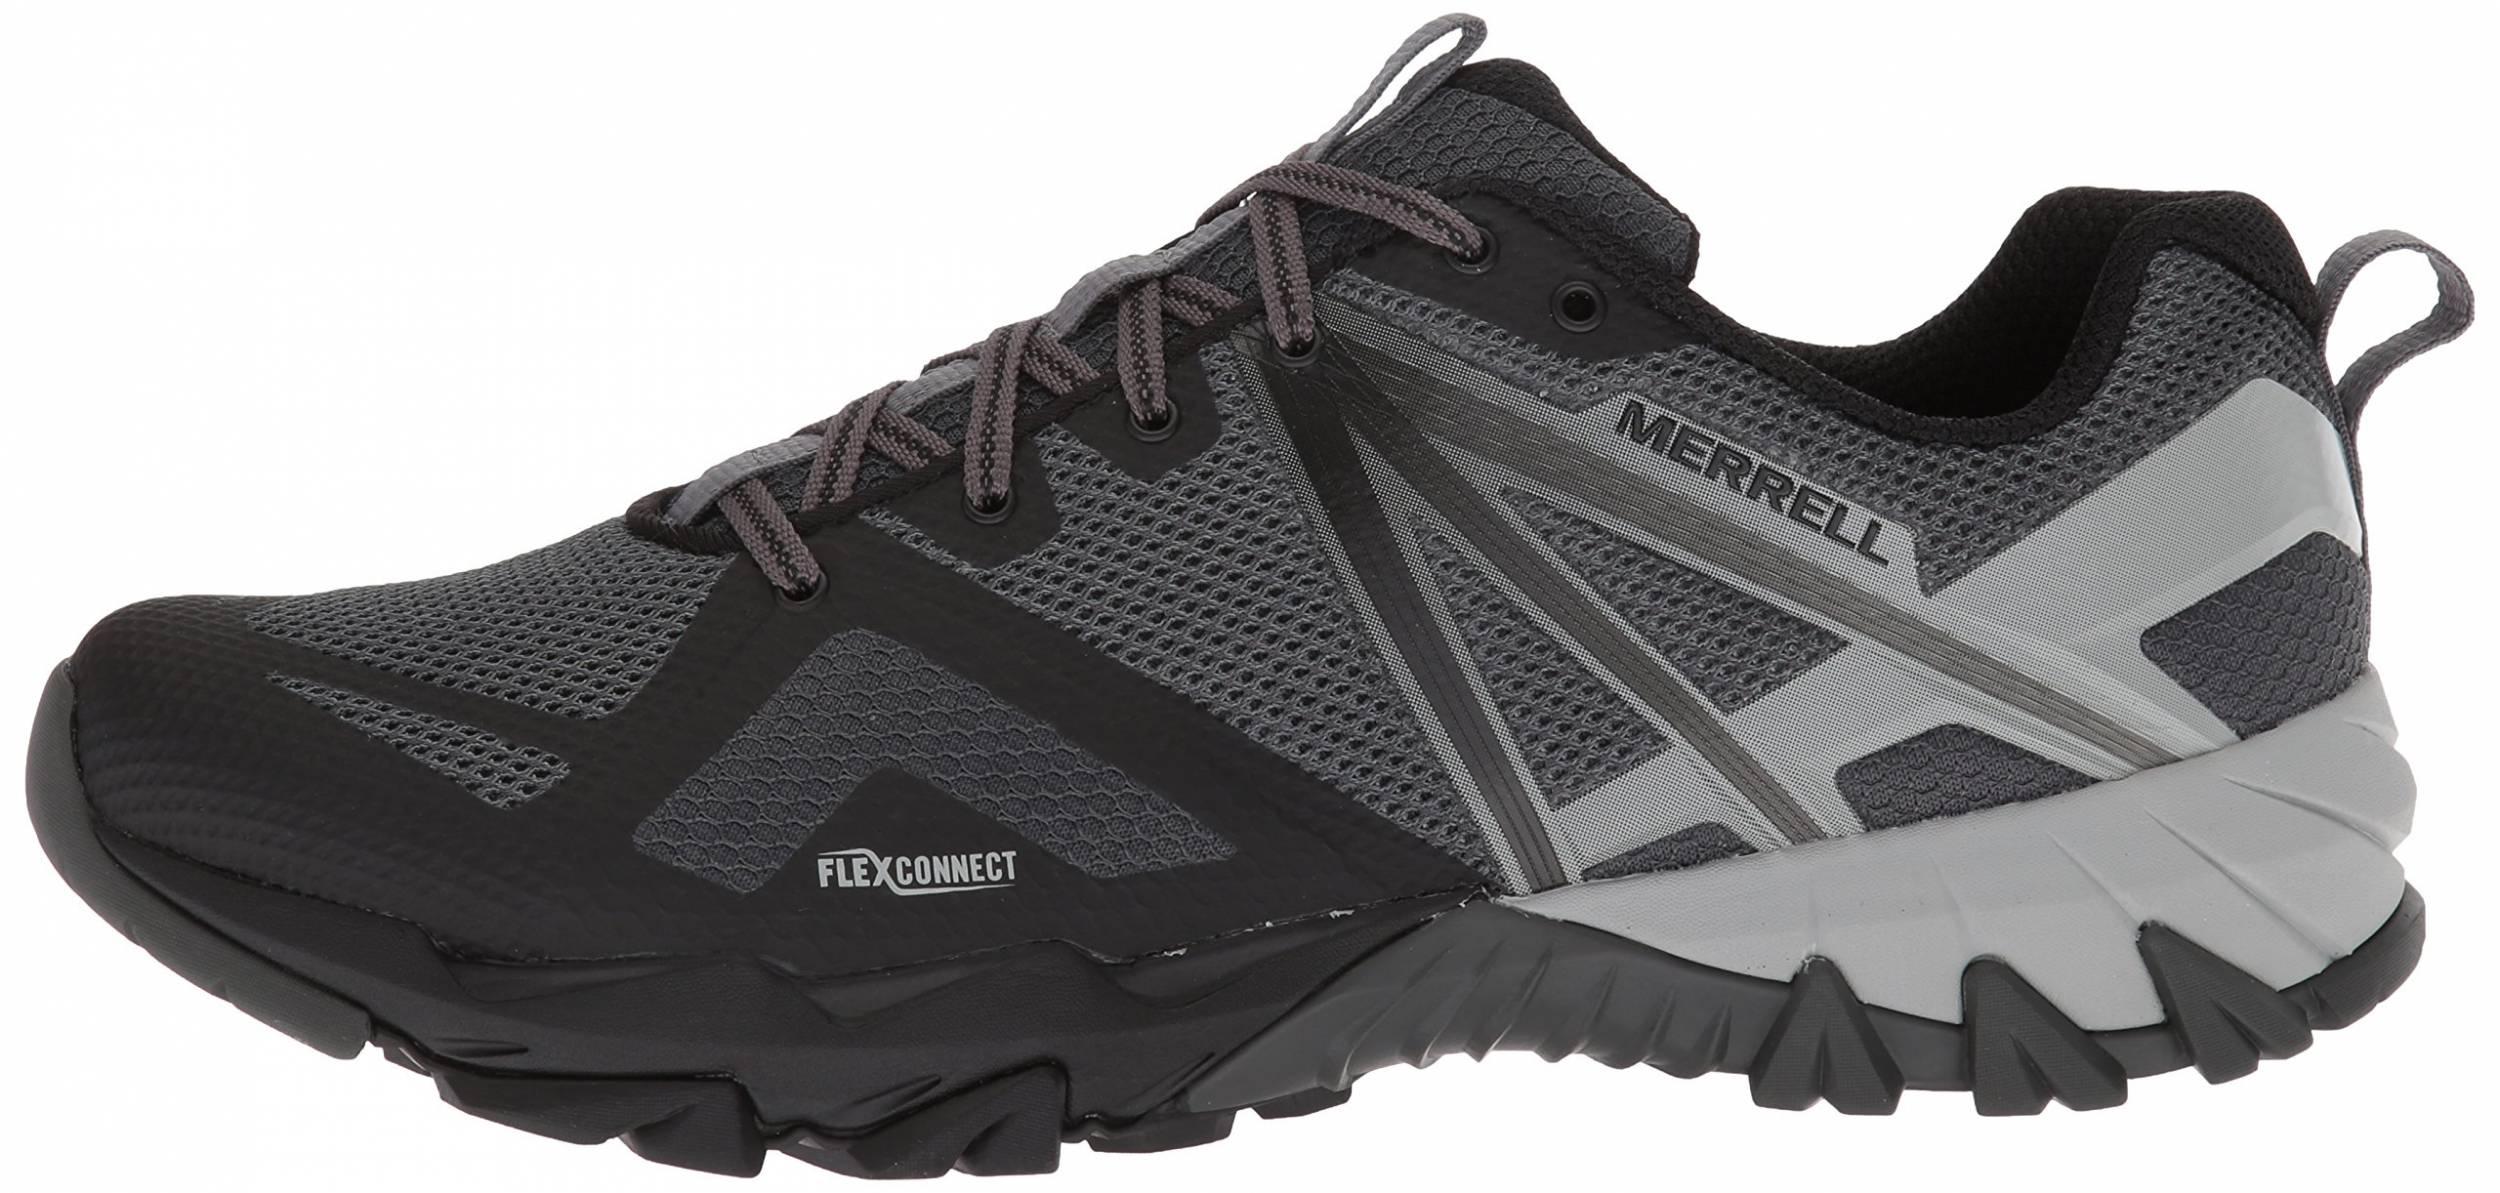 merrell orthopedic shoes